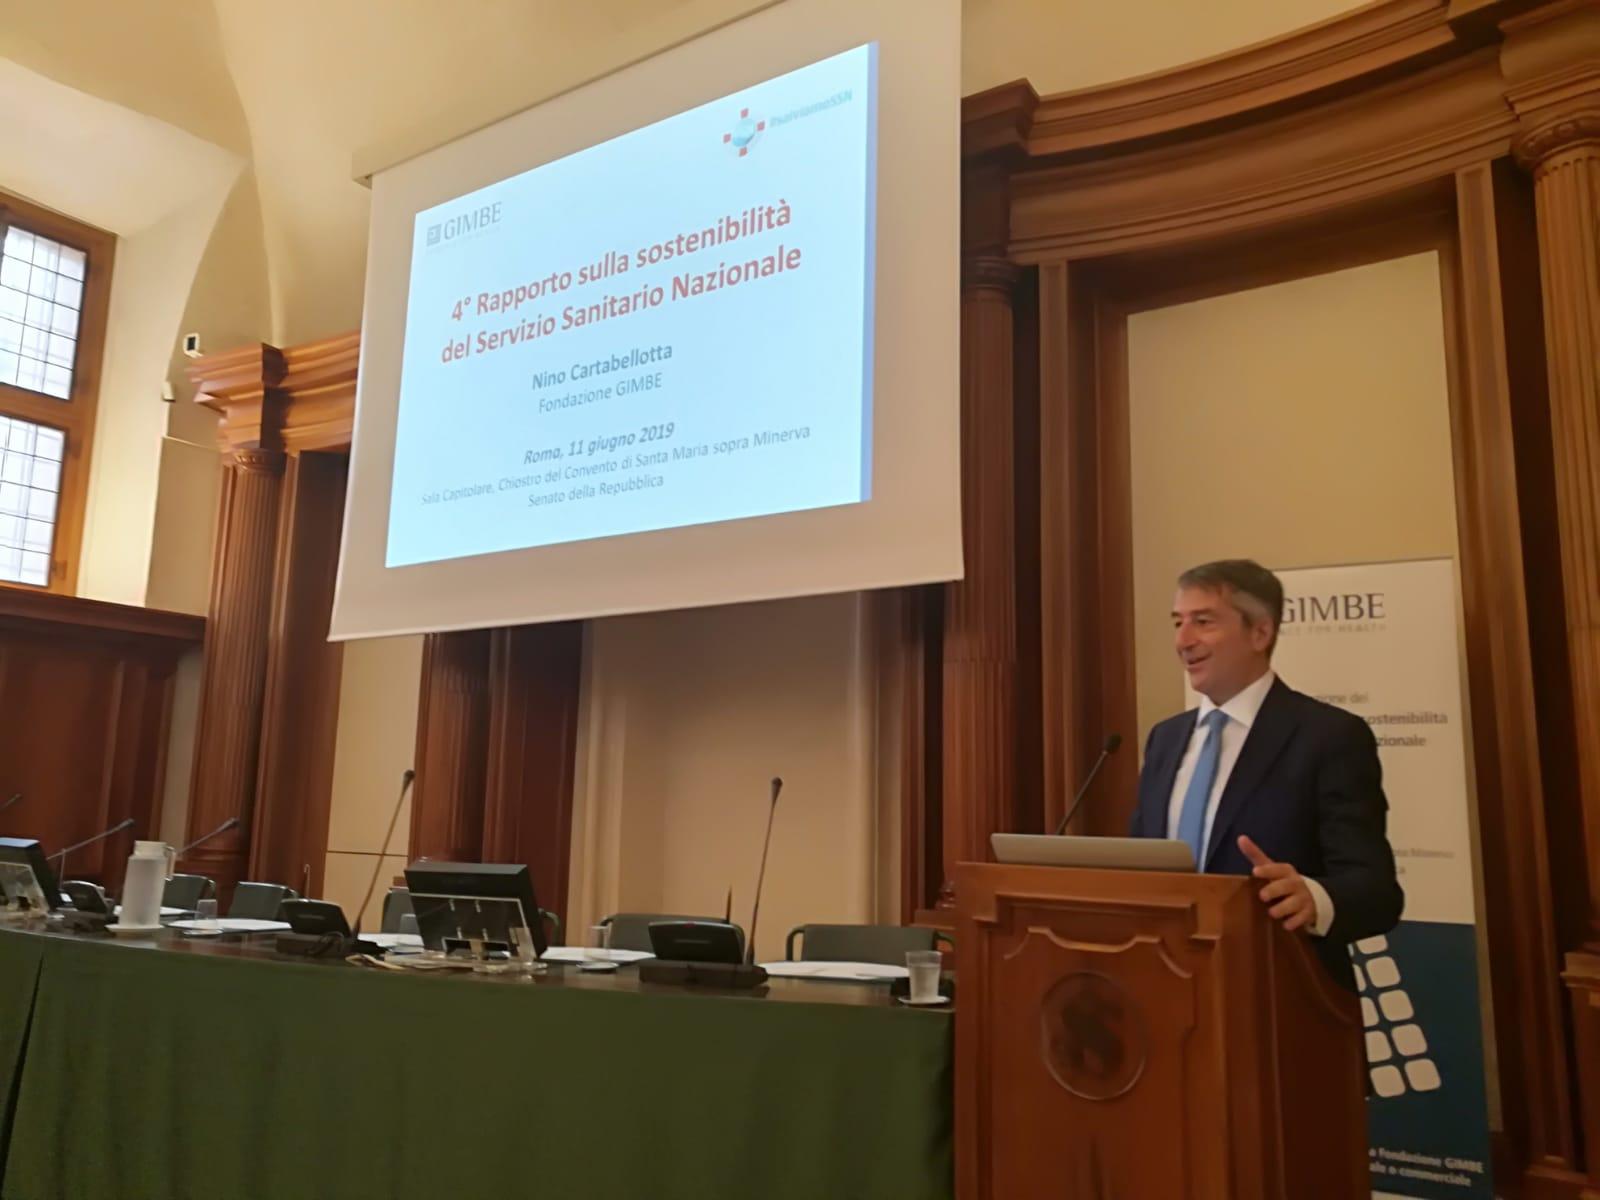 4° Rapporto GIMBE su sostenibilità Servizio Sanitario Nazionale.